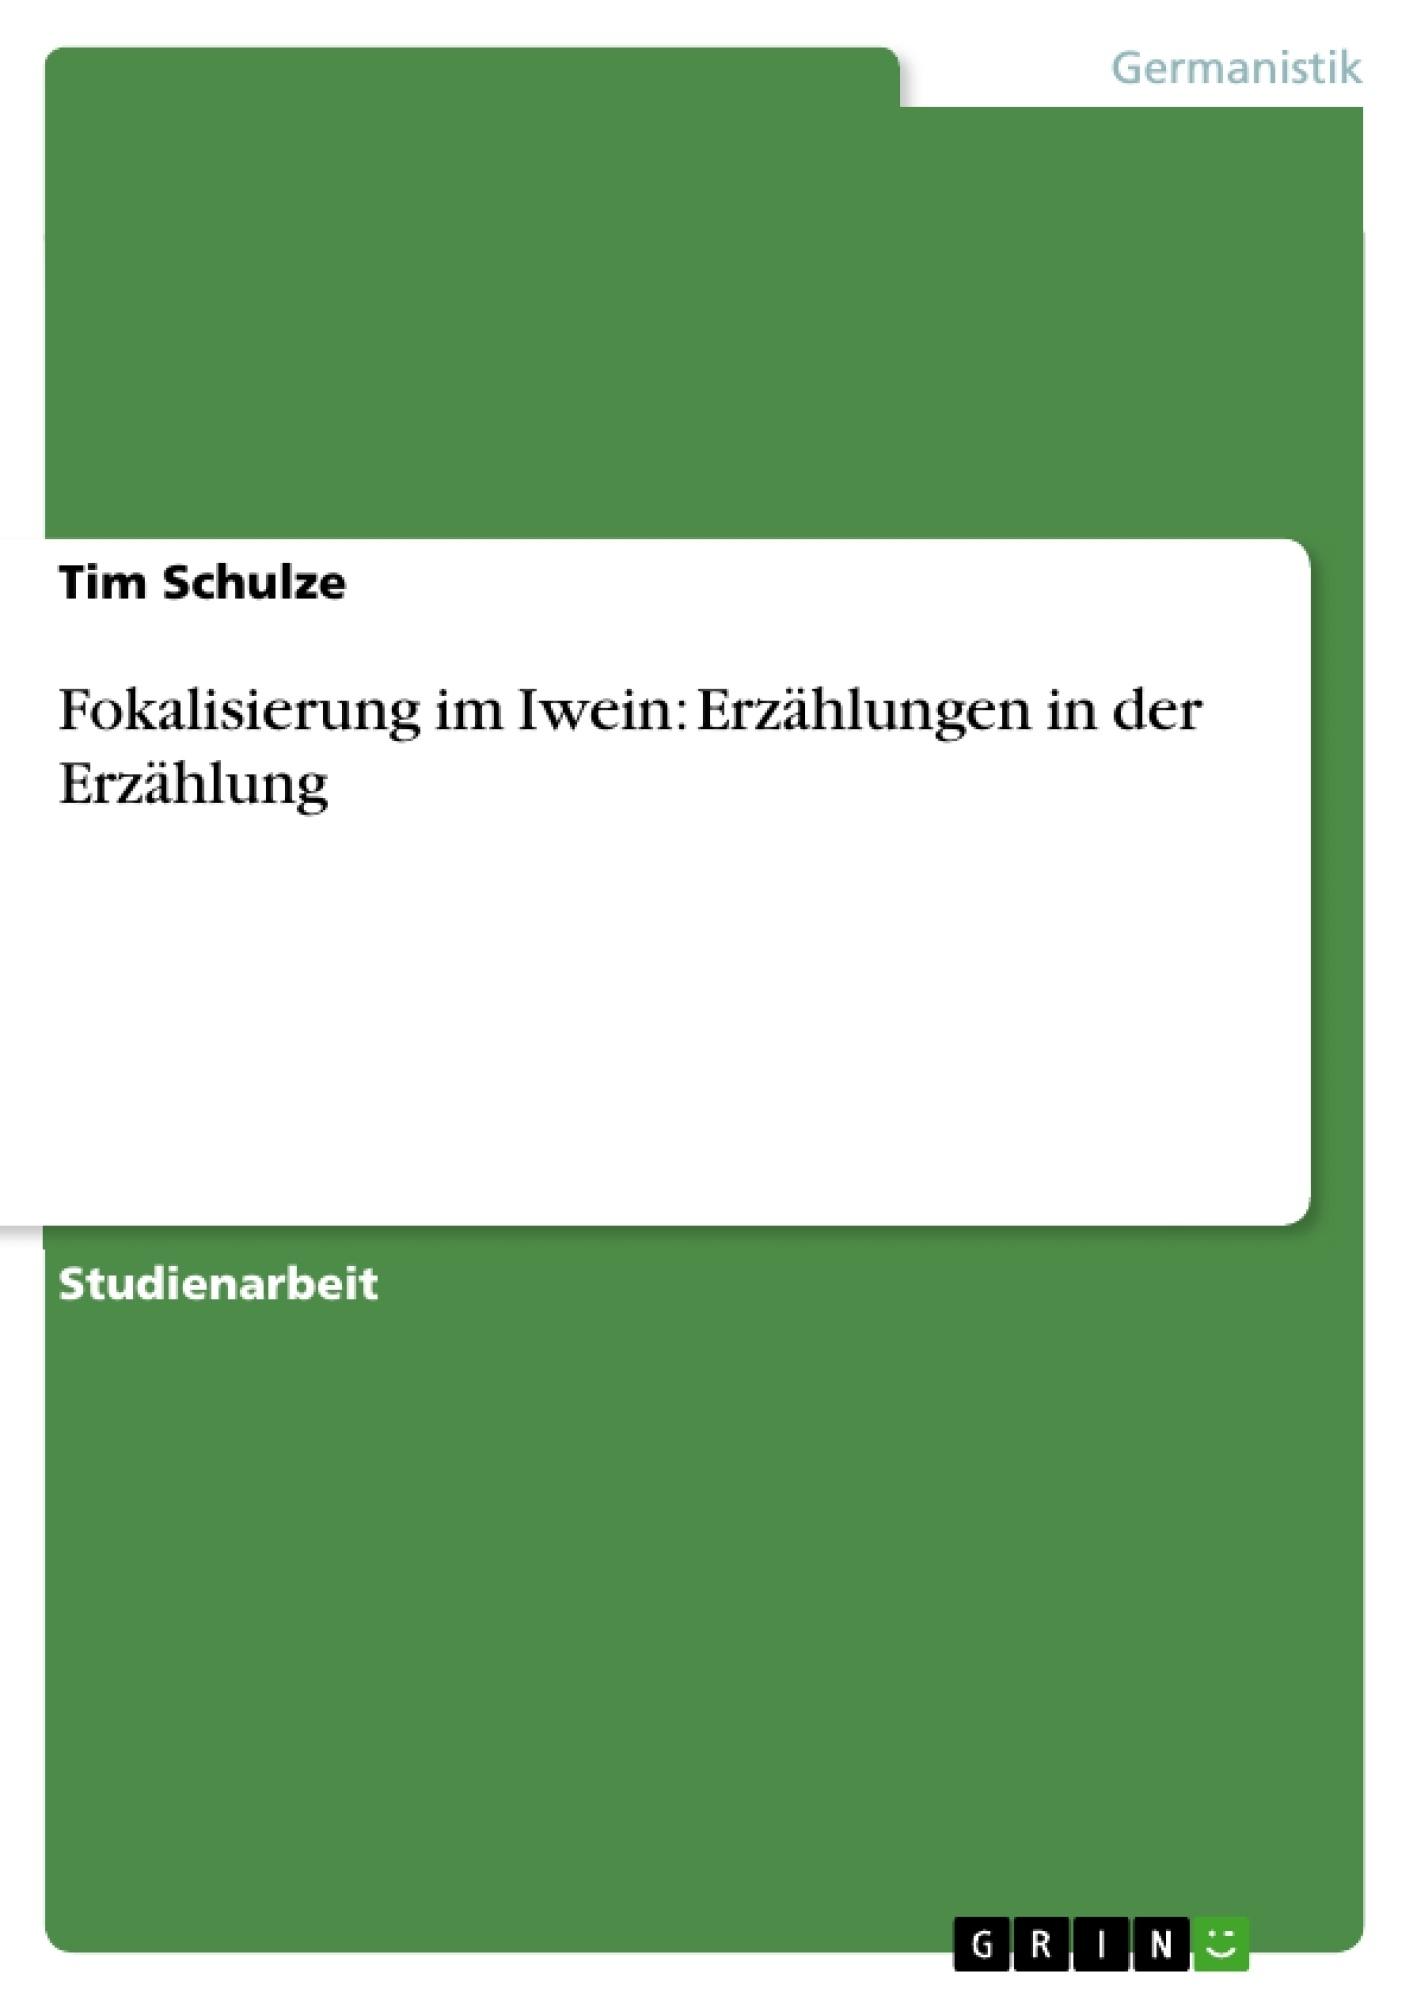 Titel: Fokalisierung im Iwein: Erzählungen in der Erzählung